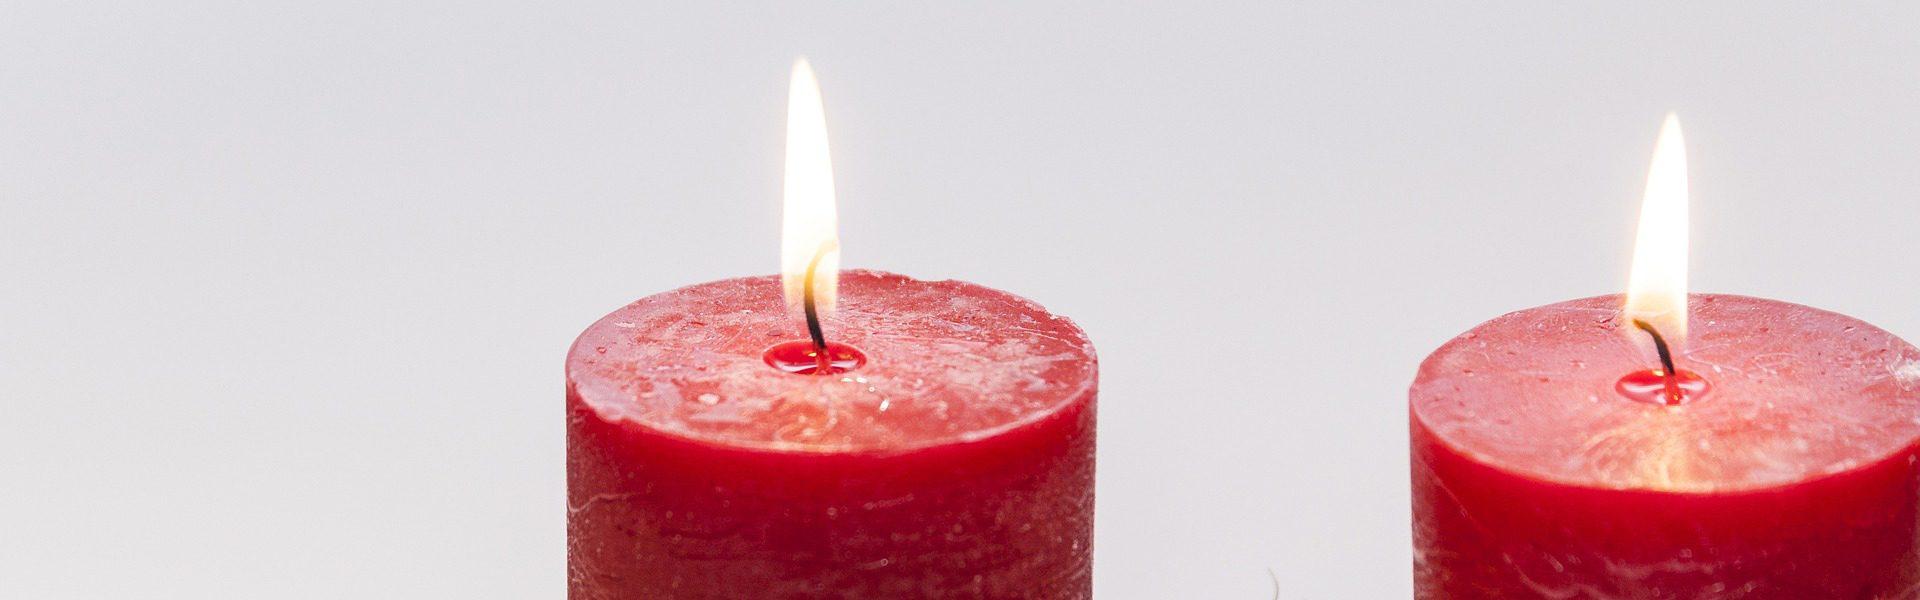 Wir wünschen euch einen gesegneten 2. Advent